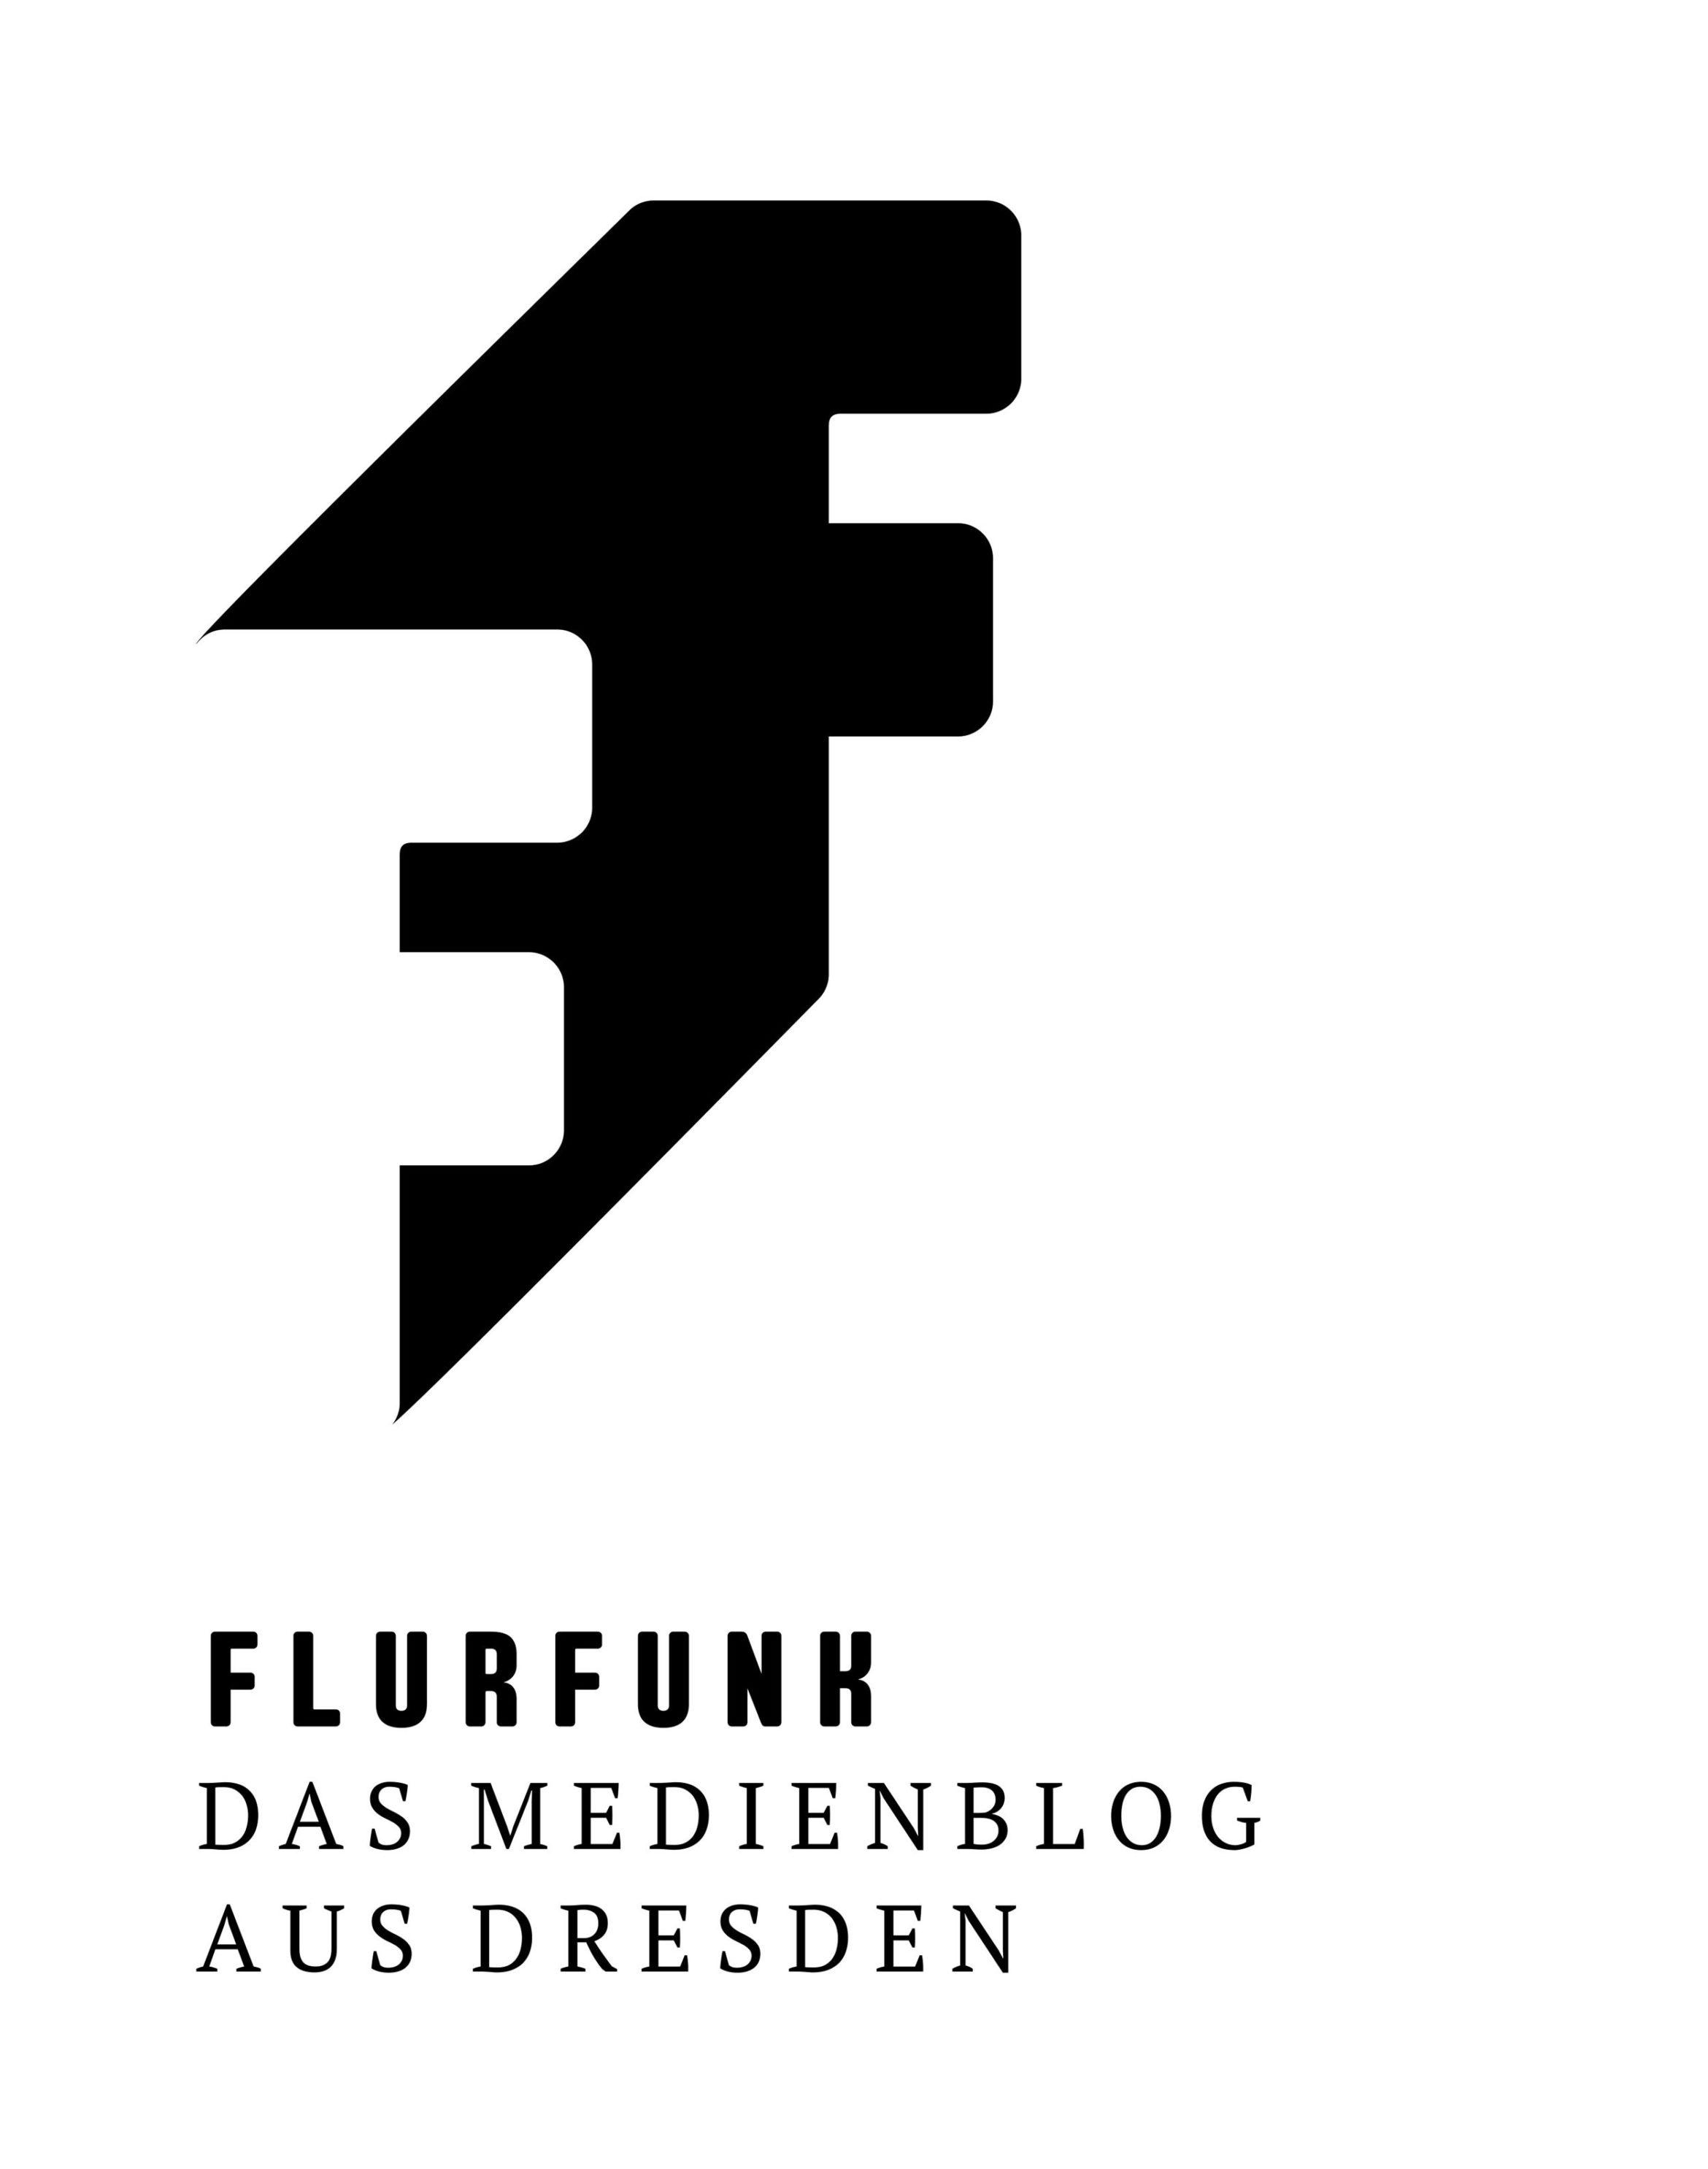 Bildzeichen | Logo | Wort- Bildmarke | Unternehmensgestaltung